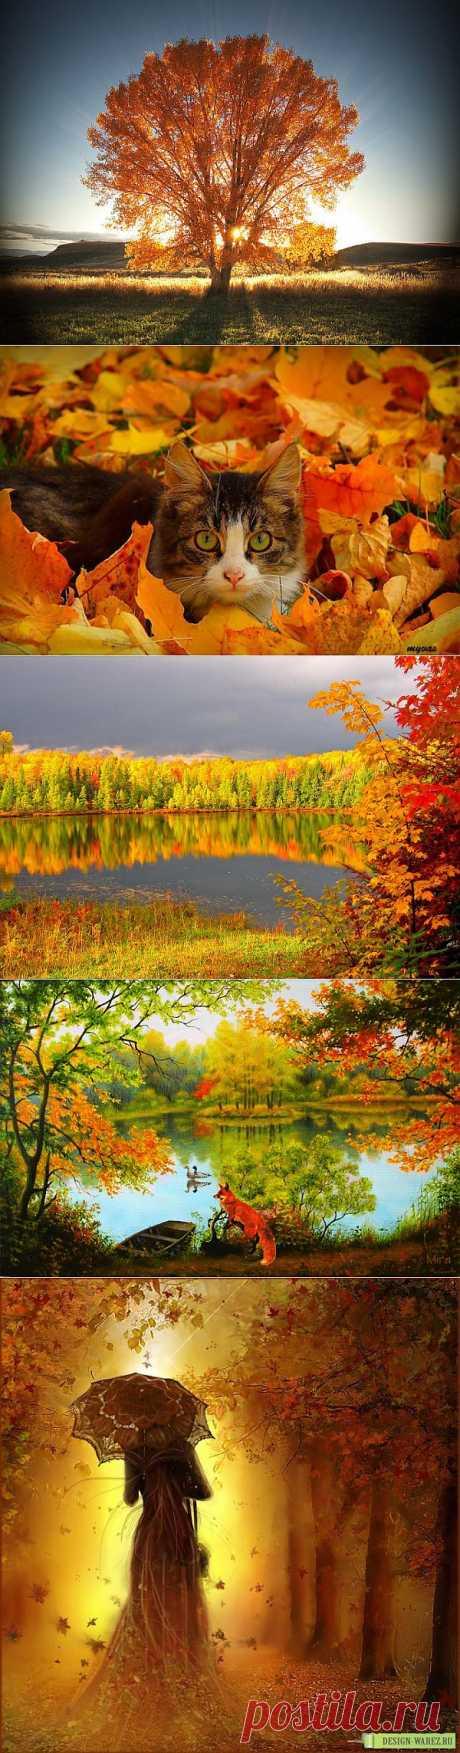 ОСЕННЕЕ НАСТРОЕНИЕ   Золото на бархате земли –   Осени-прелестницы примета.   Журавли на крыльях унесли   Разноцветное веселье лета.